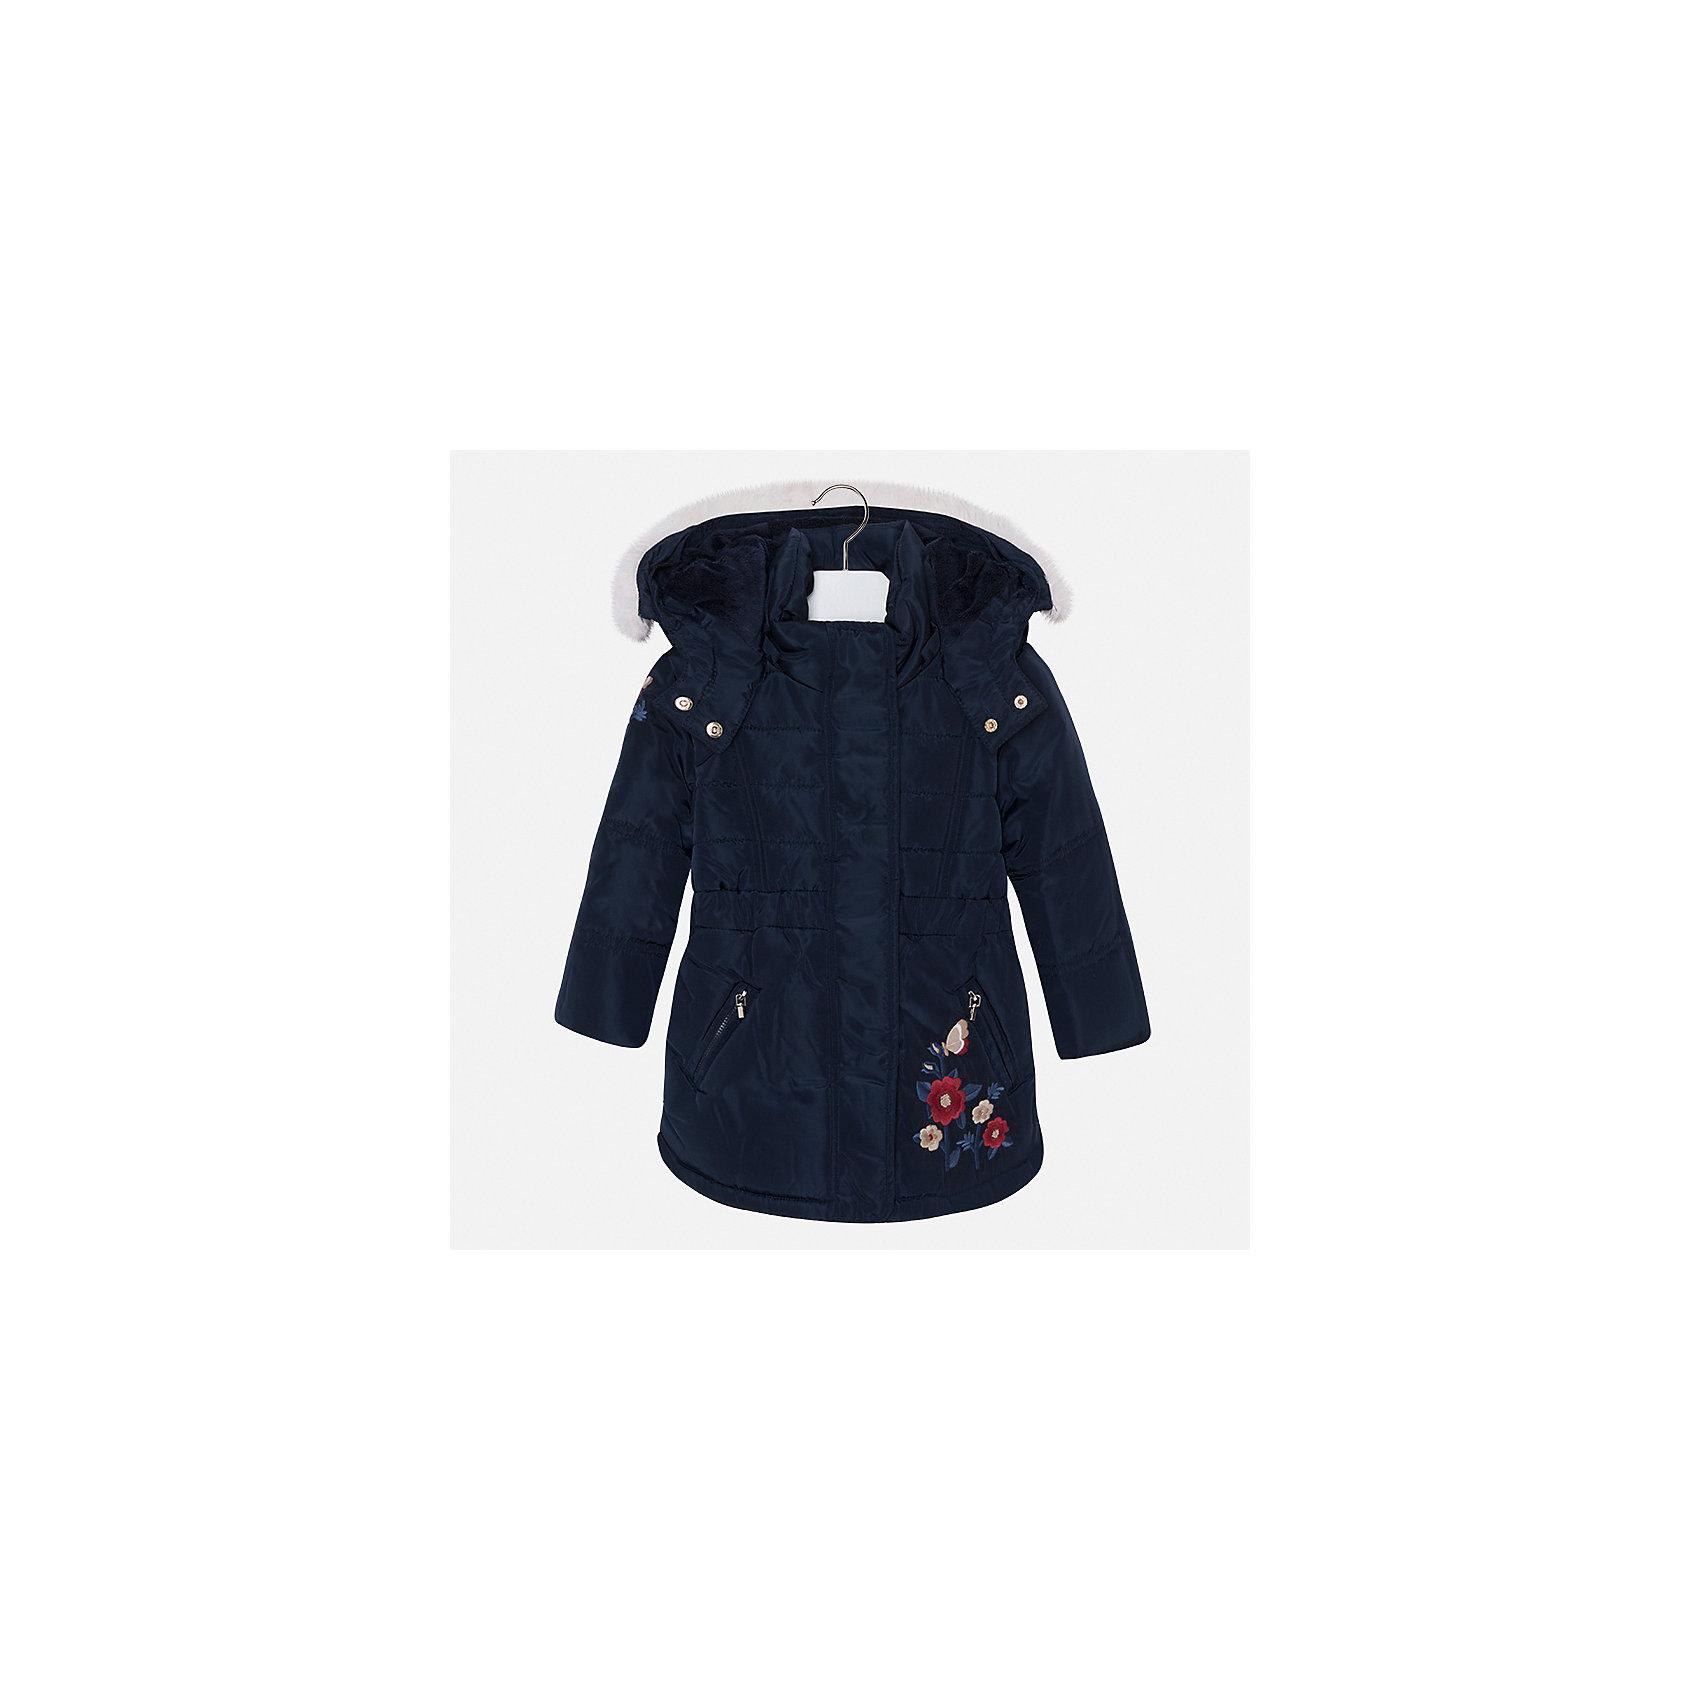 Куртка для девочки MayoralВерхняя одежда<br>Характеристики товара:<br><br>• цвет: черный<br>• состав ткани: 100% полиэстер, подклад - 100% полиэстер, утеплитель - 100% полиэстер<br>• застежка: молния<br>• длинные рукава<br>• опушка капюшона<br>• сезон: демисезон<br>• температурный режим: от 0 до -10С<br>• страна бренда: Испания<br>• страна изготовитель: Китай<br><br>Куртка от Mayoral соответствует новейшим тенденциям молодежной моды. Эта практичная и красивая куртка обеспечит ребенку тепло в межсезонье и небольшие морозы. Капюшон отстегивается. <br><br>Детская одежда от испанской компании Mayoral отличаются оригинальным и всегда стильным дизайном. Качество продукции неизменно очень высокое.<br><br>Куртку для девочки Mayoral (Майорал) можно купить в нашем интернет-магазине.<br><br>Ширина мм: 356<br>Глубина мм: 10<br>Высота мм: 245<br>Вес г: 519<br>Цвет: темно-синий<br>Возраст от месяцев: 96<br>Возраст до месяцев: 108<br>Пол: Женский<br>Возраст: Детский<br>Размер: 134,92,98,104,110,116,122,128<br>SKU: 6924551